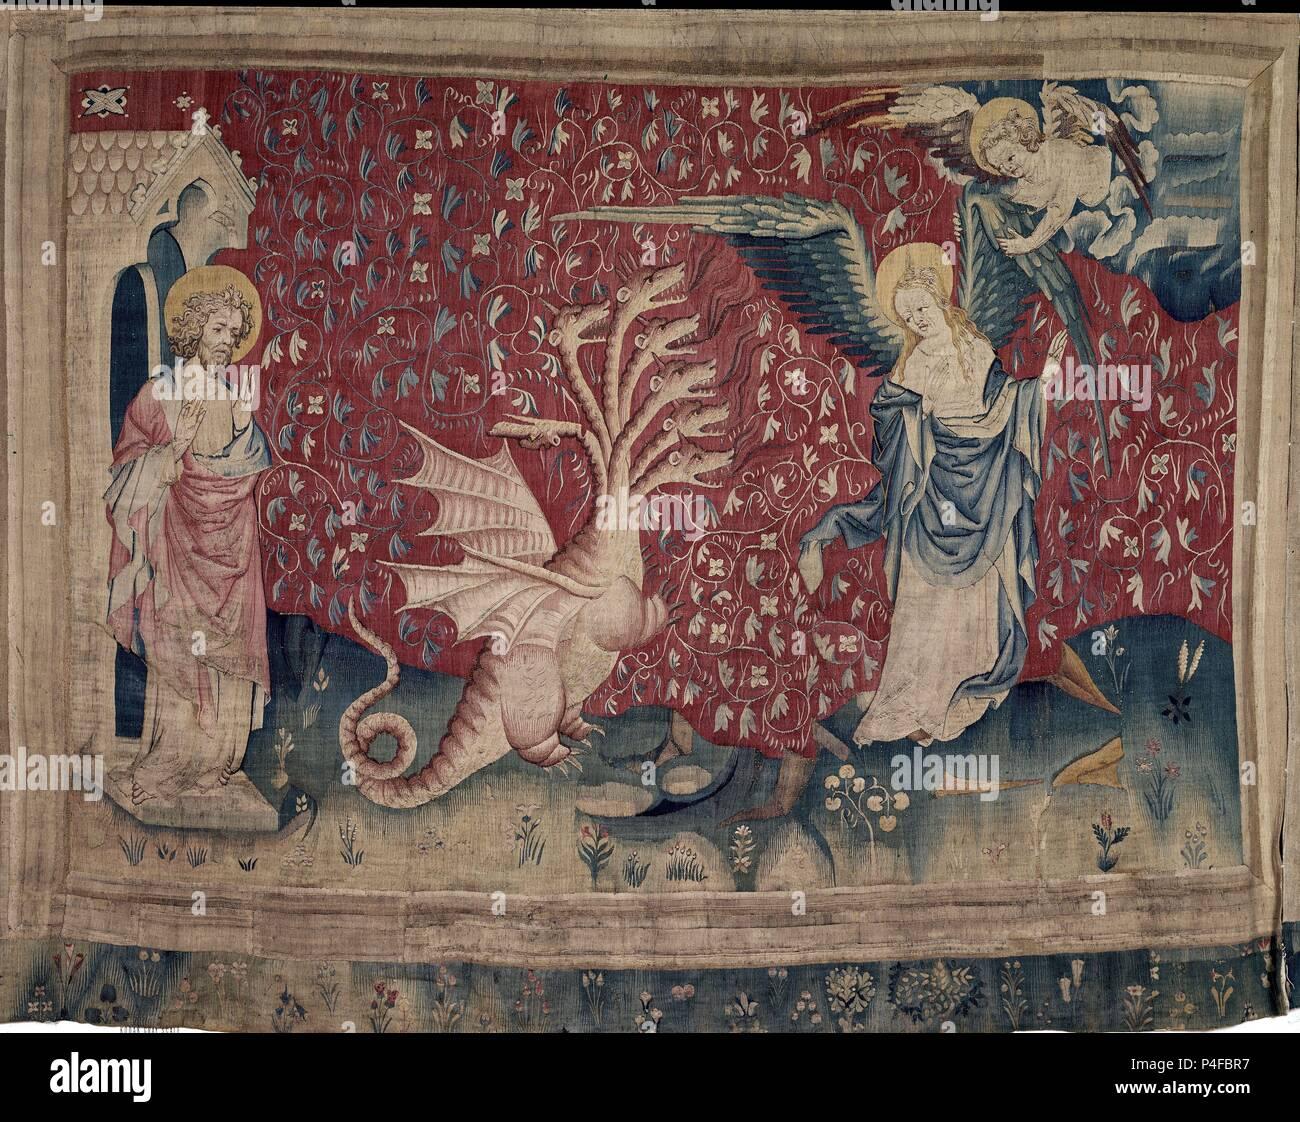 TAPIZ DEL APOCALIPSIS-LA MUJER RECIBE ALAS PARA ESCAPAR DEL DRAGON-(carton  de Jean de Bruges)-S XIV. Location: CASTILLO, ANGERS, FRANCE Stock Photo -  Alamy